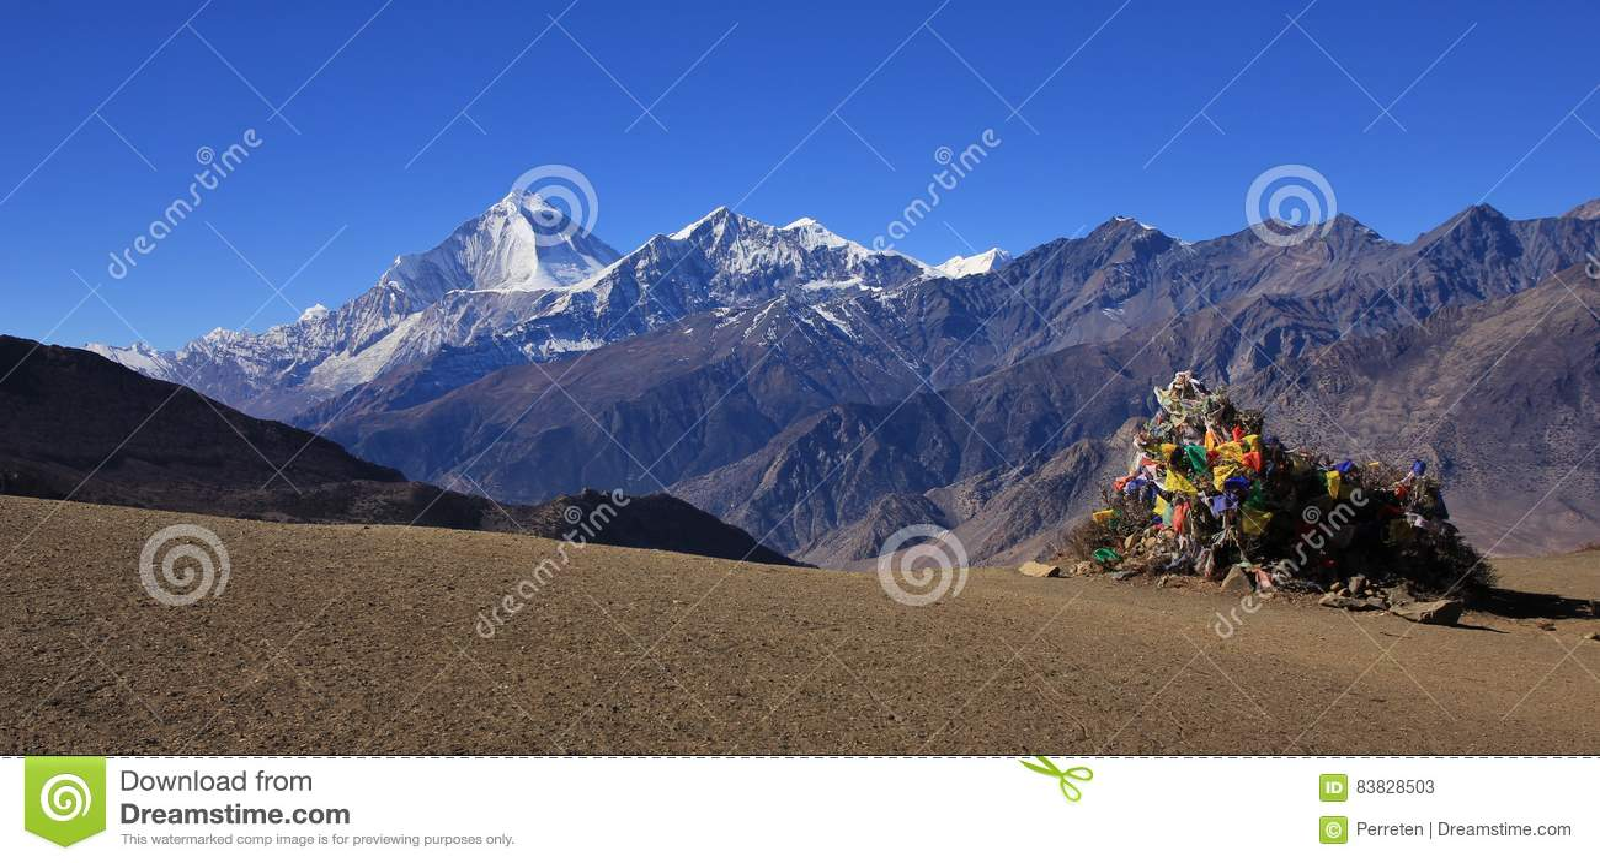 Mount Dhaulagiri and Tukuche Peak seen from Muktinath